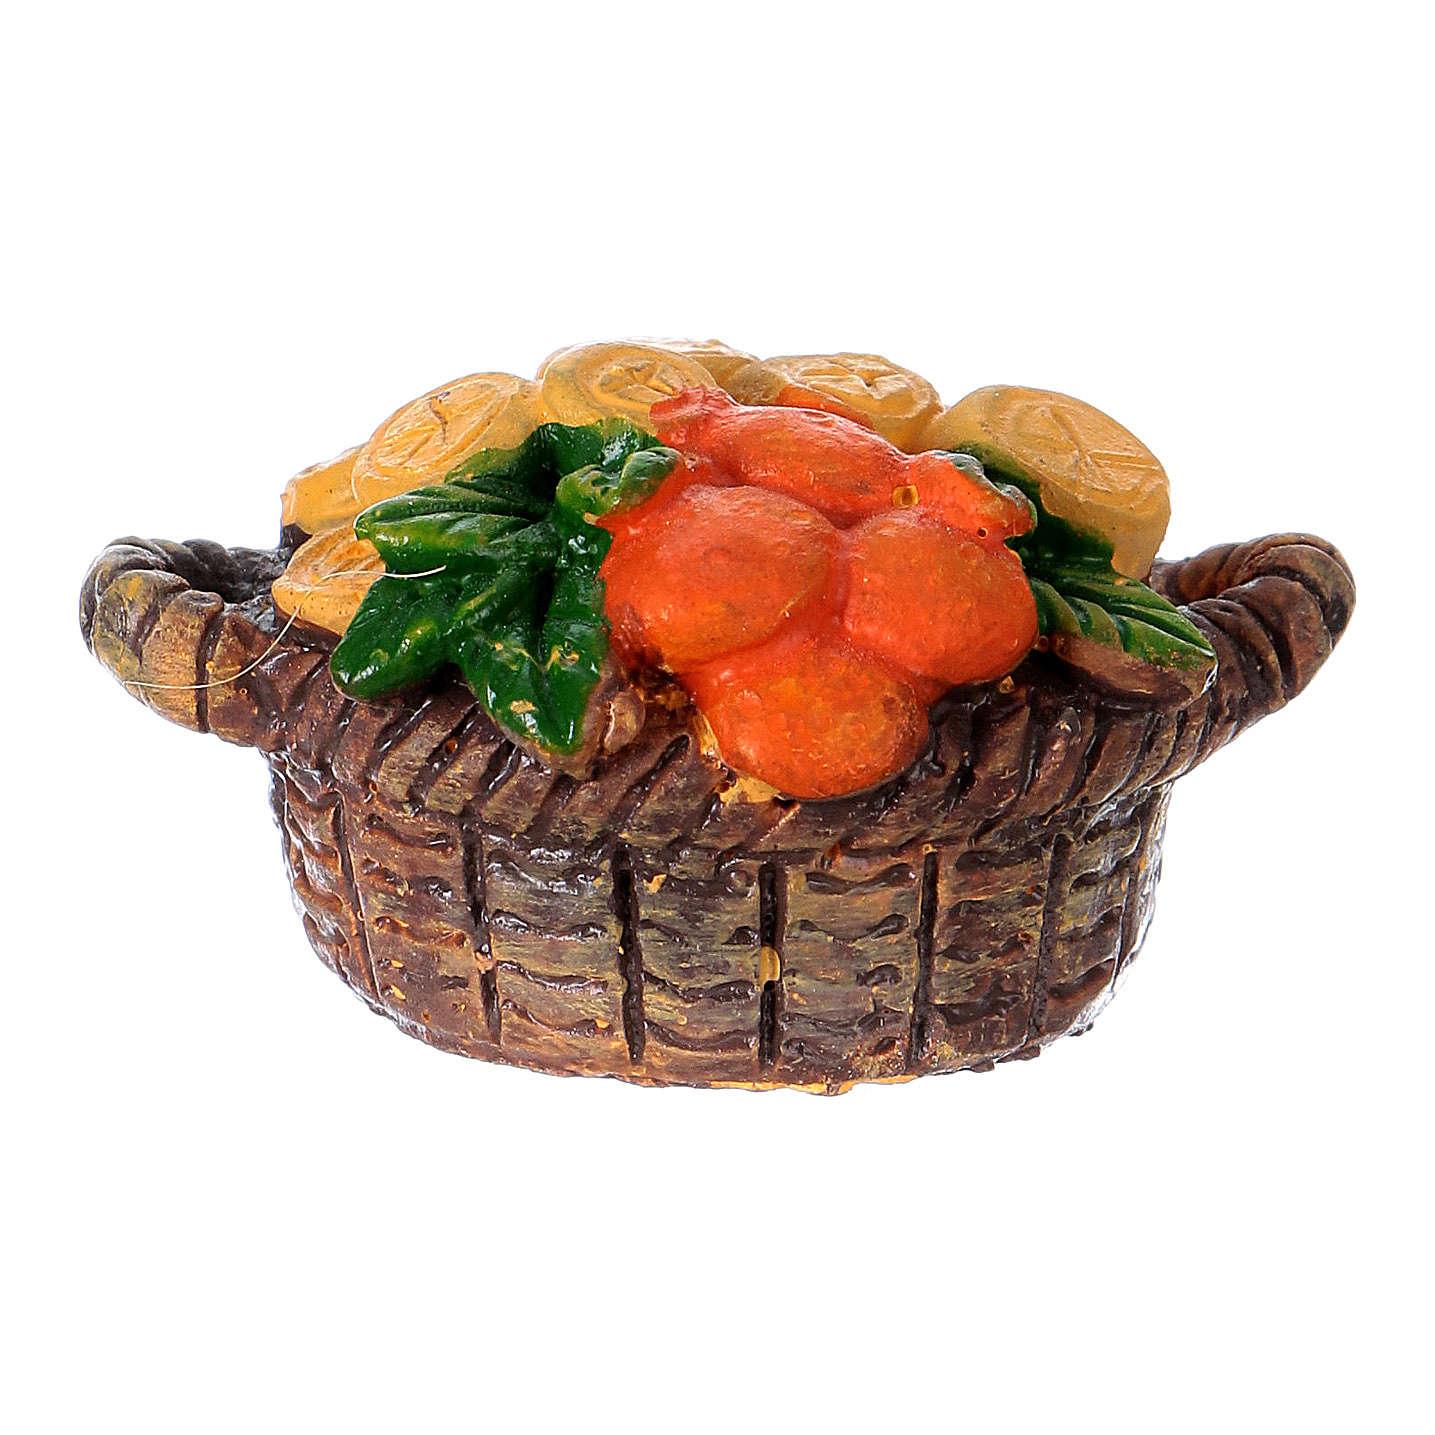 Fruit basket in resin for 10 cm Nativity scene Moranduzzo 4